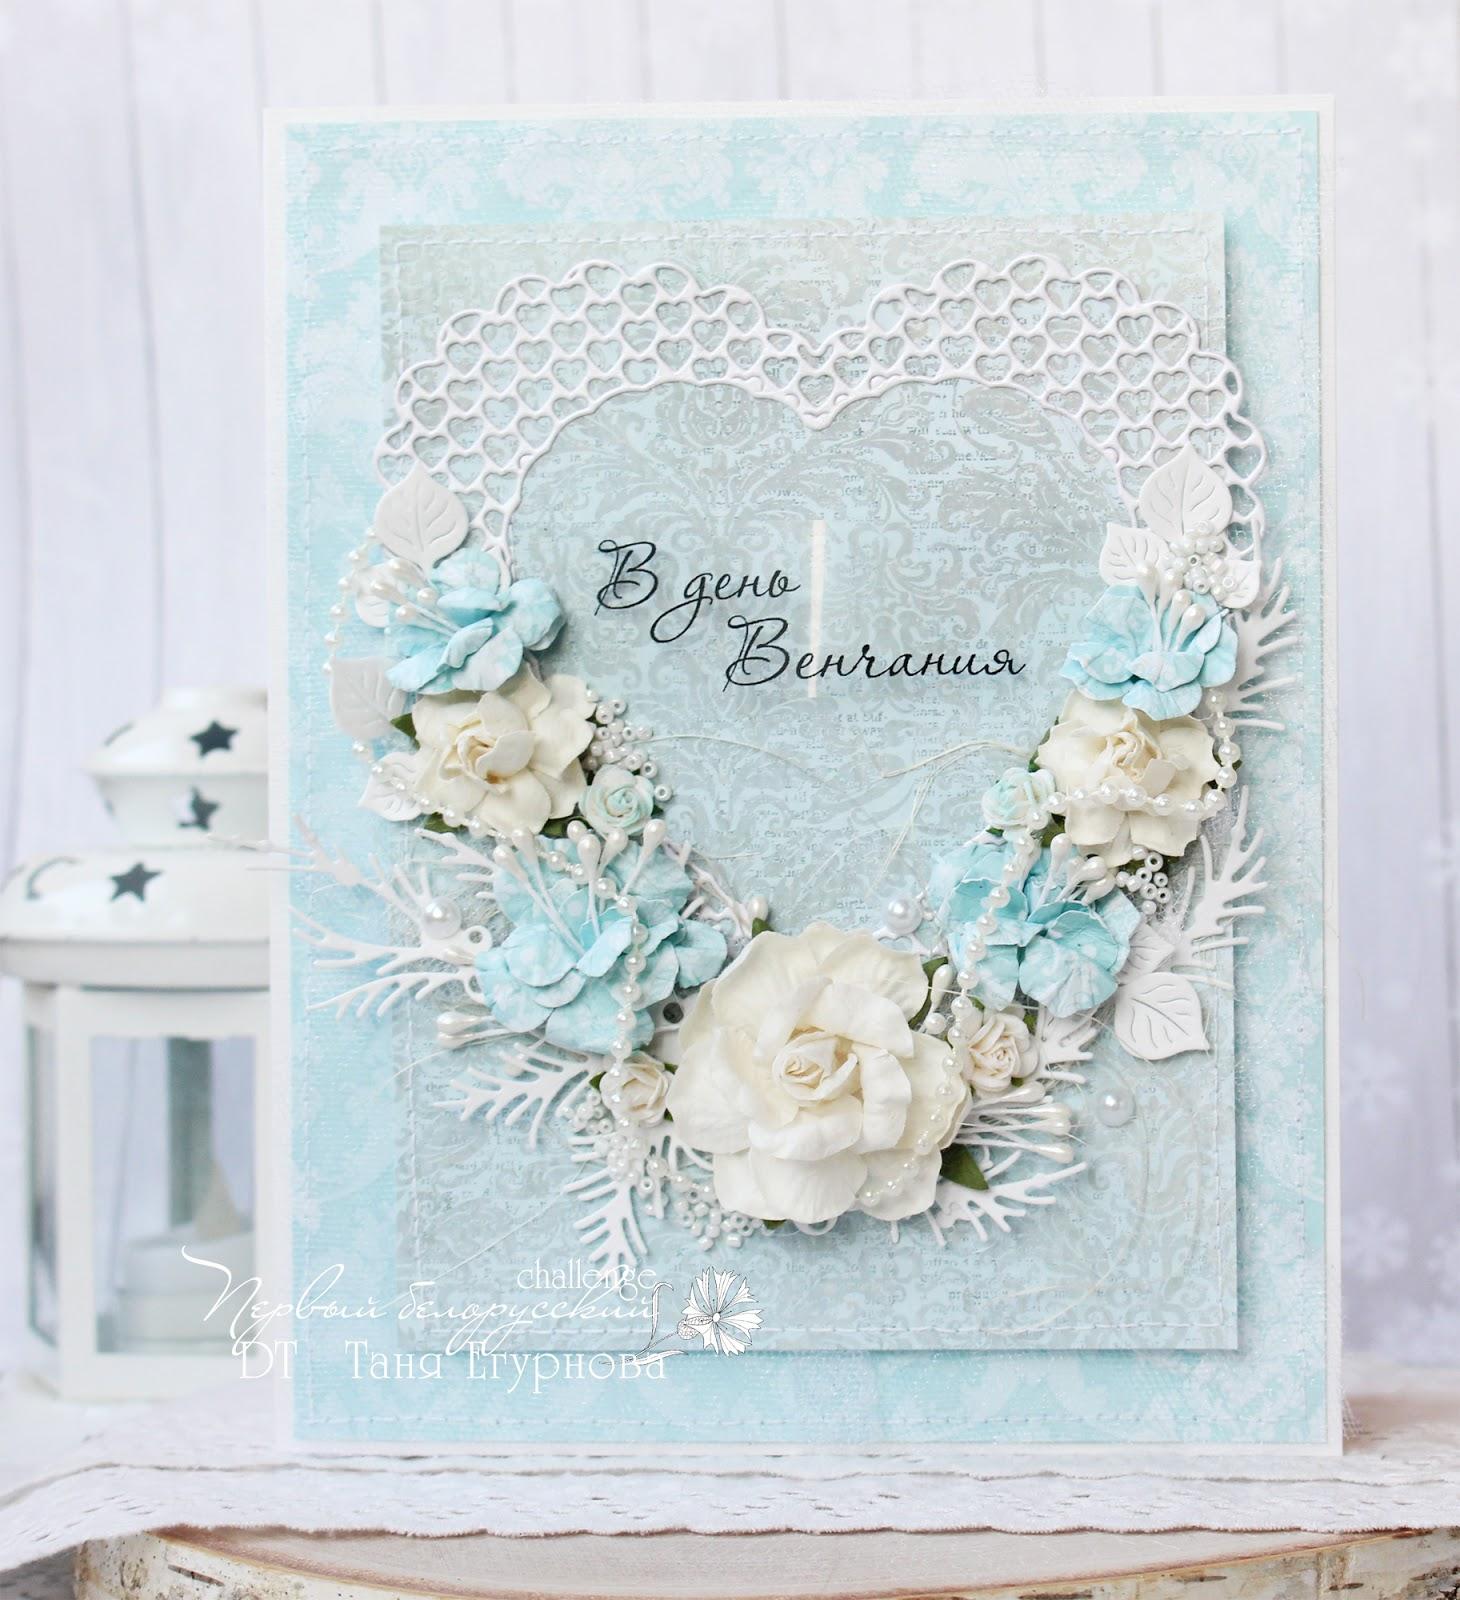 Открытка в день венчания